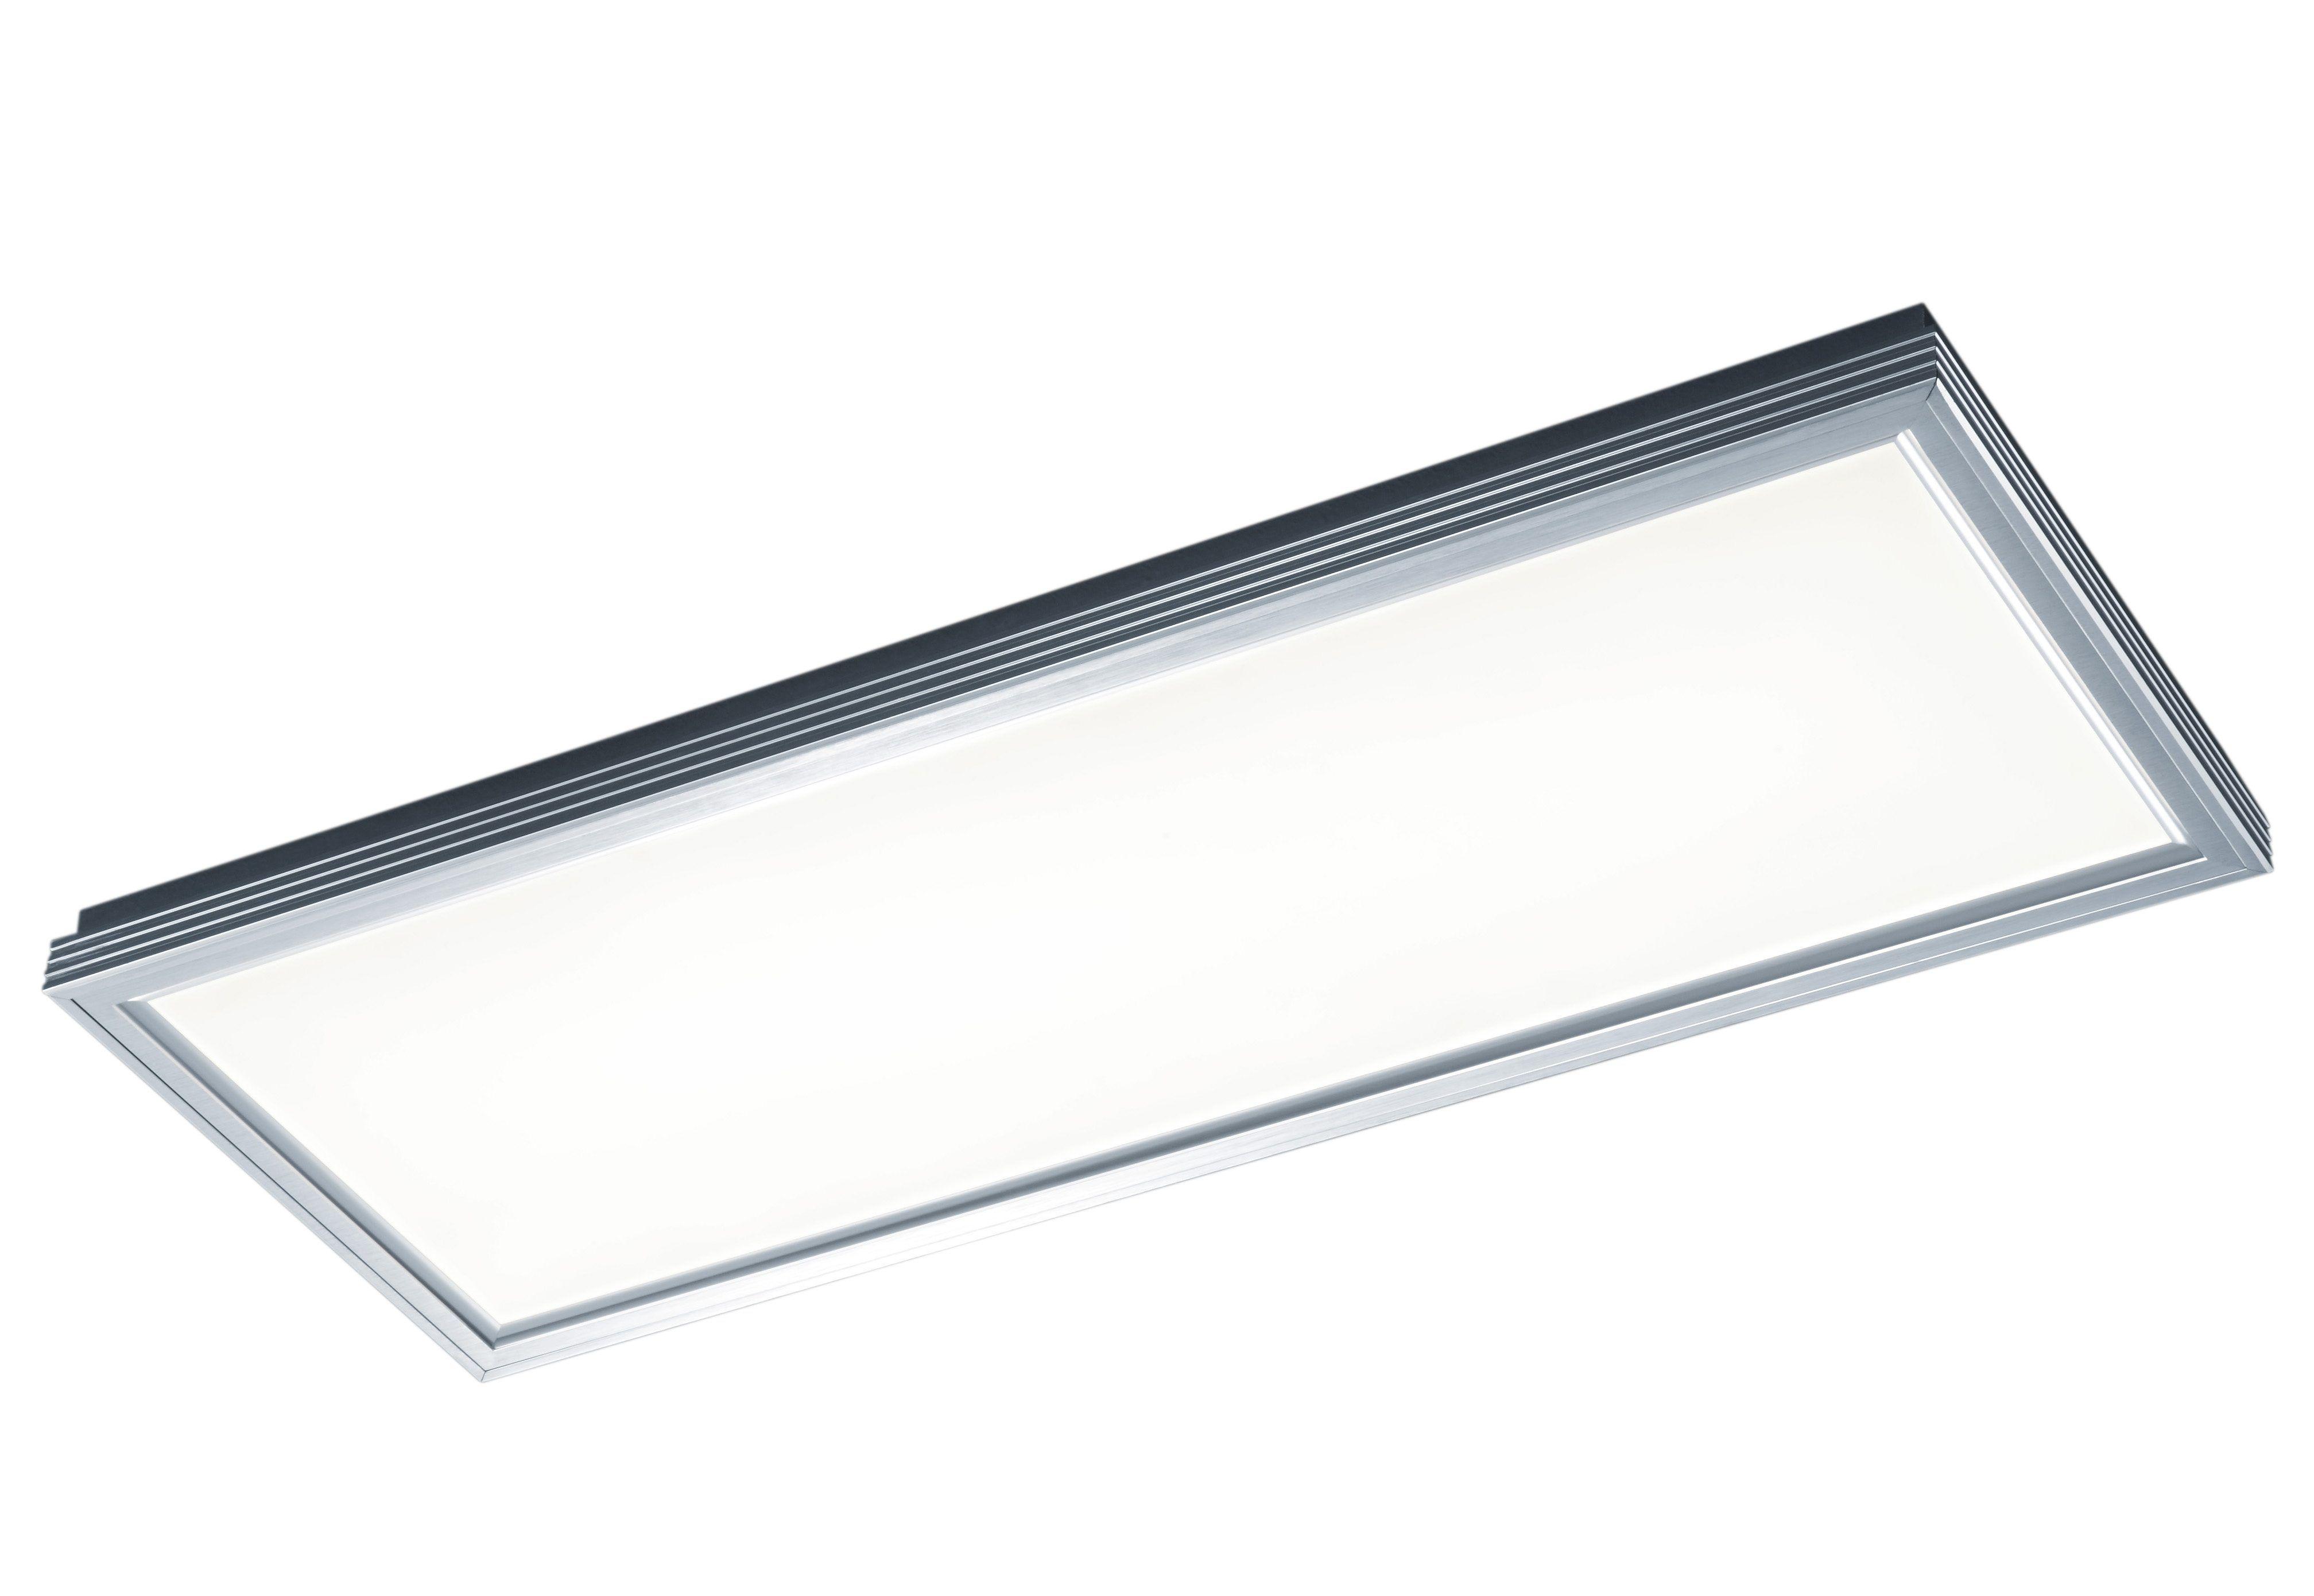 Inspirierend Led Lampen Deckenleuchte Beste Wahl Trio Leuchten Led-deckenleuchte Silber, Energieeffizienzklasse: A Jetzt